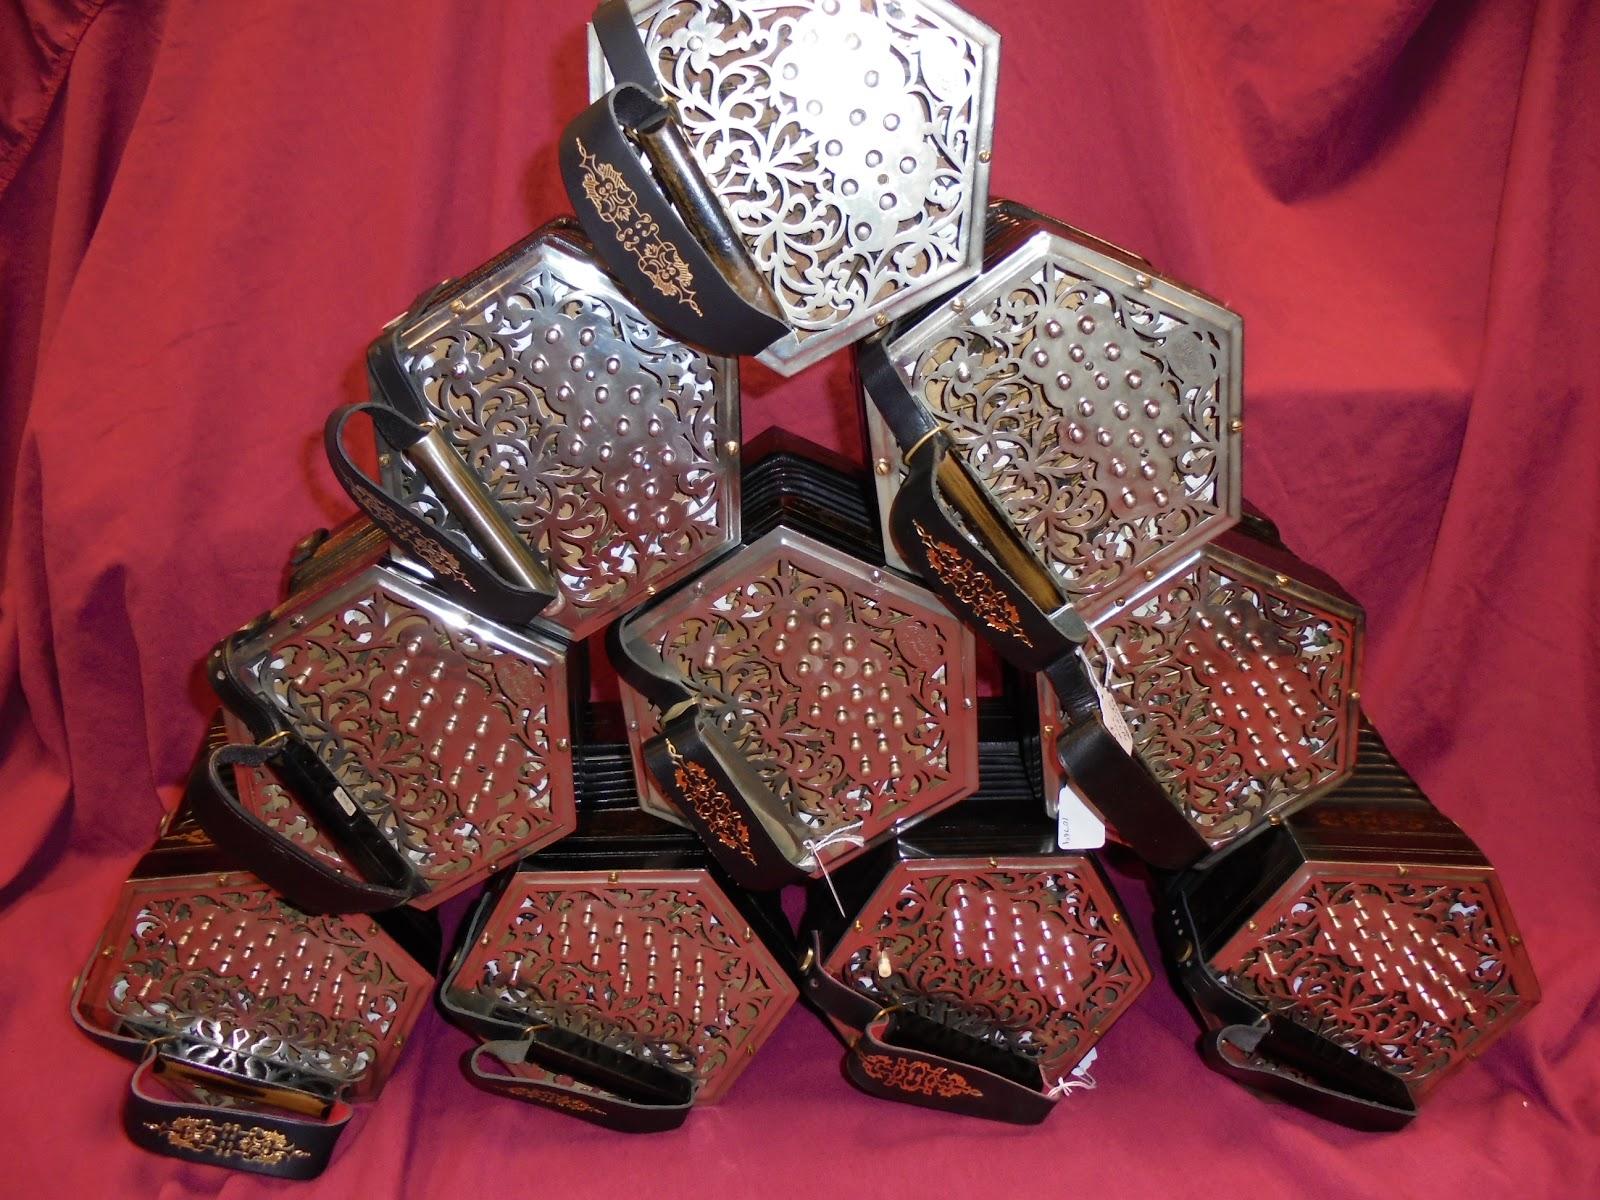 barleycorn concertinas pyramid of Jeffries concertinas